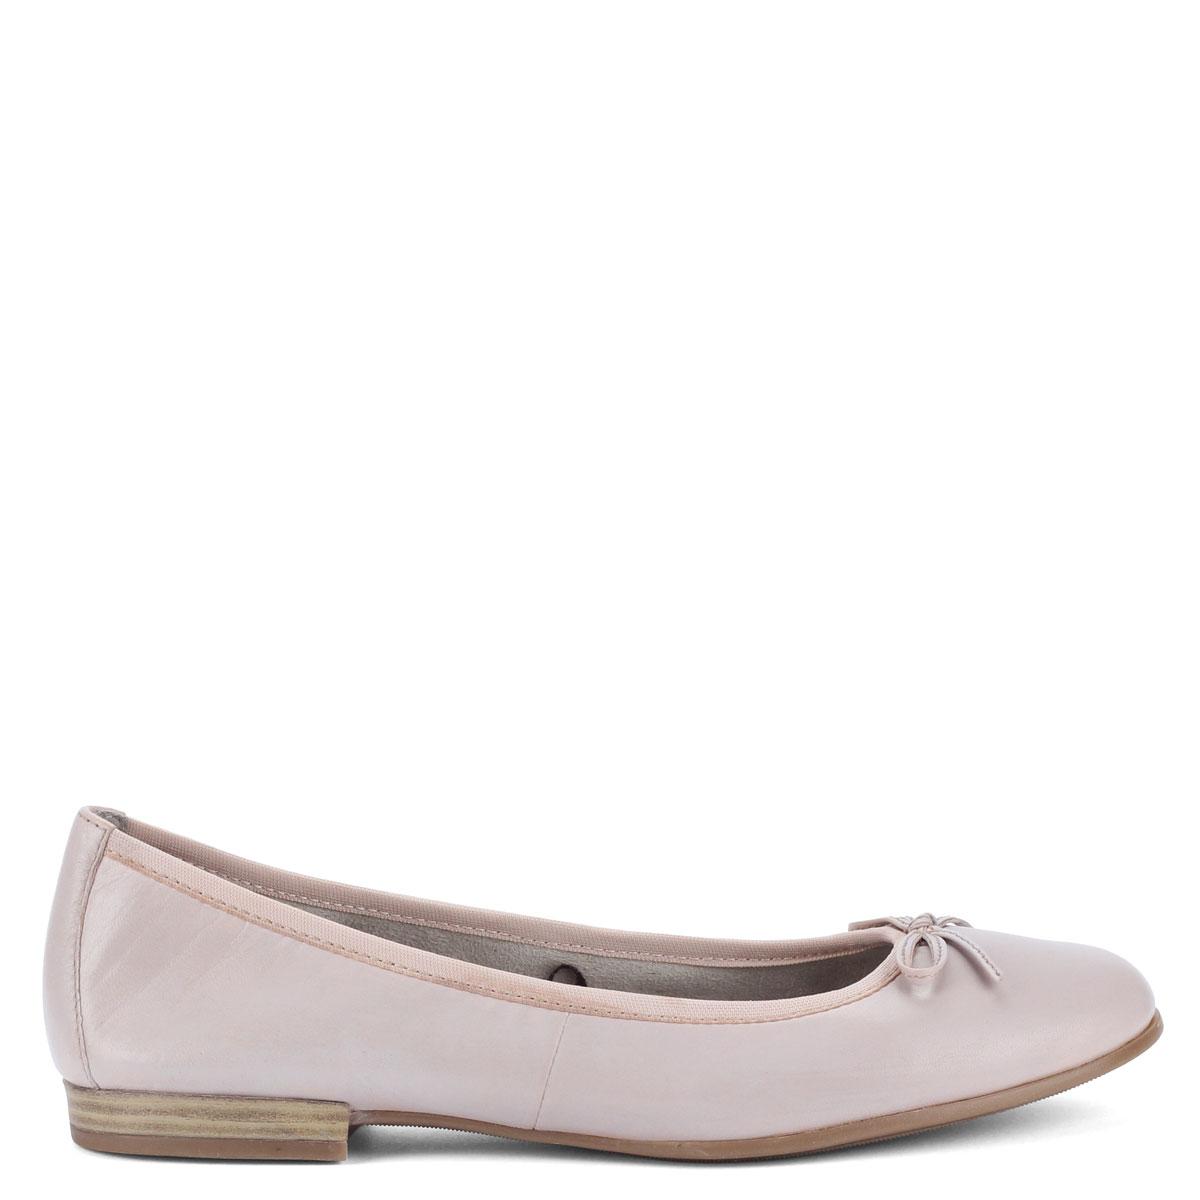 88a59bc720 Tamaris balerina cipő